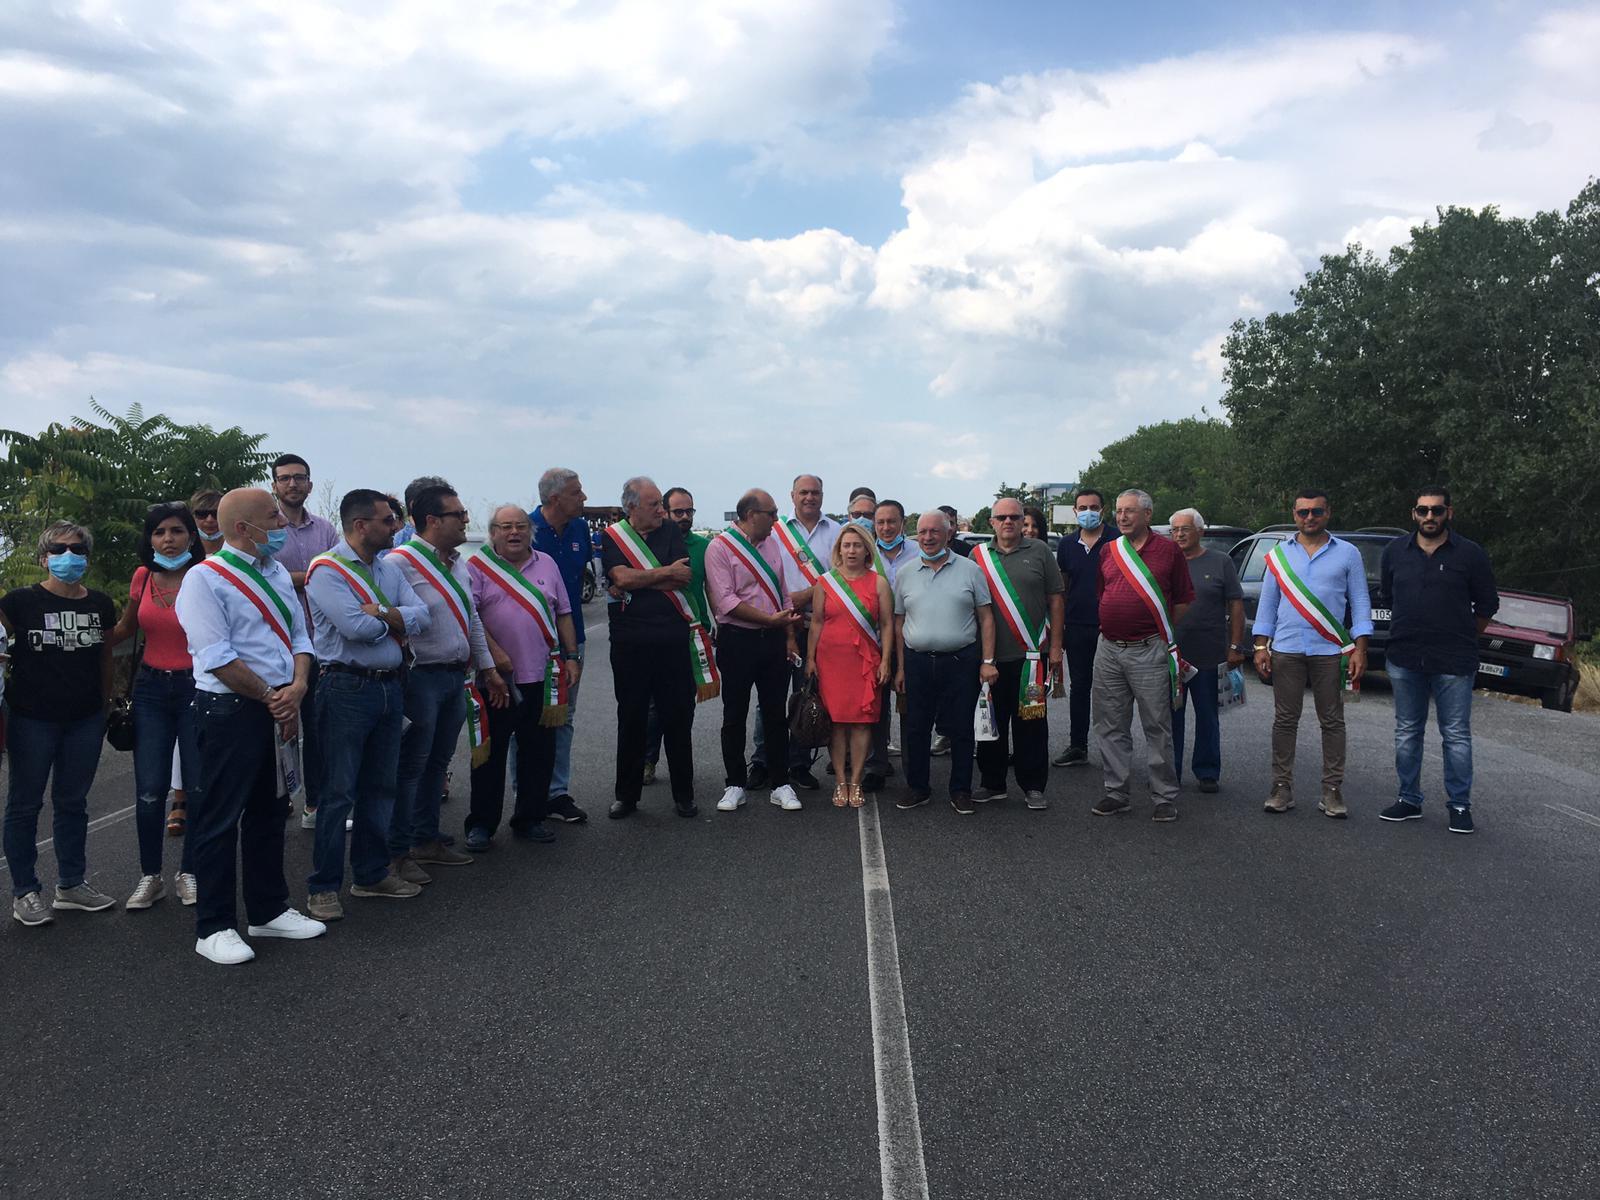 Emergenza rifiuti nella Locride, i sindaci bloccano la statale 106